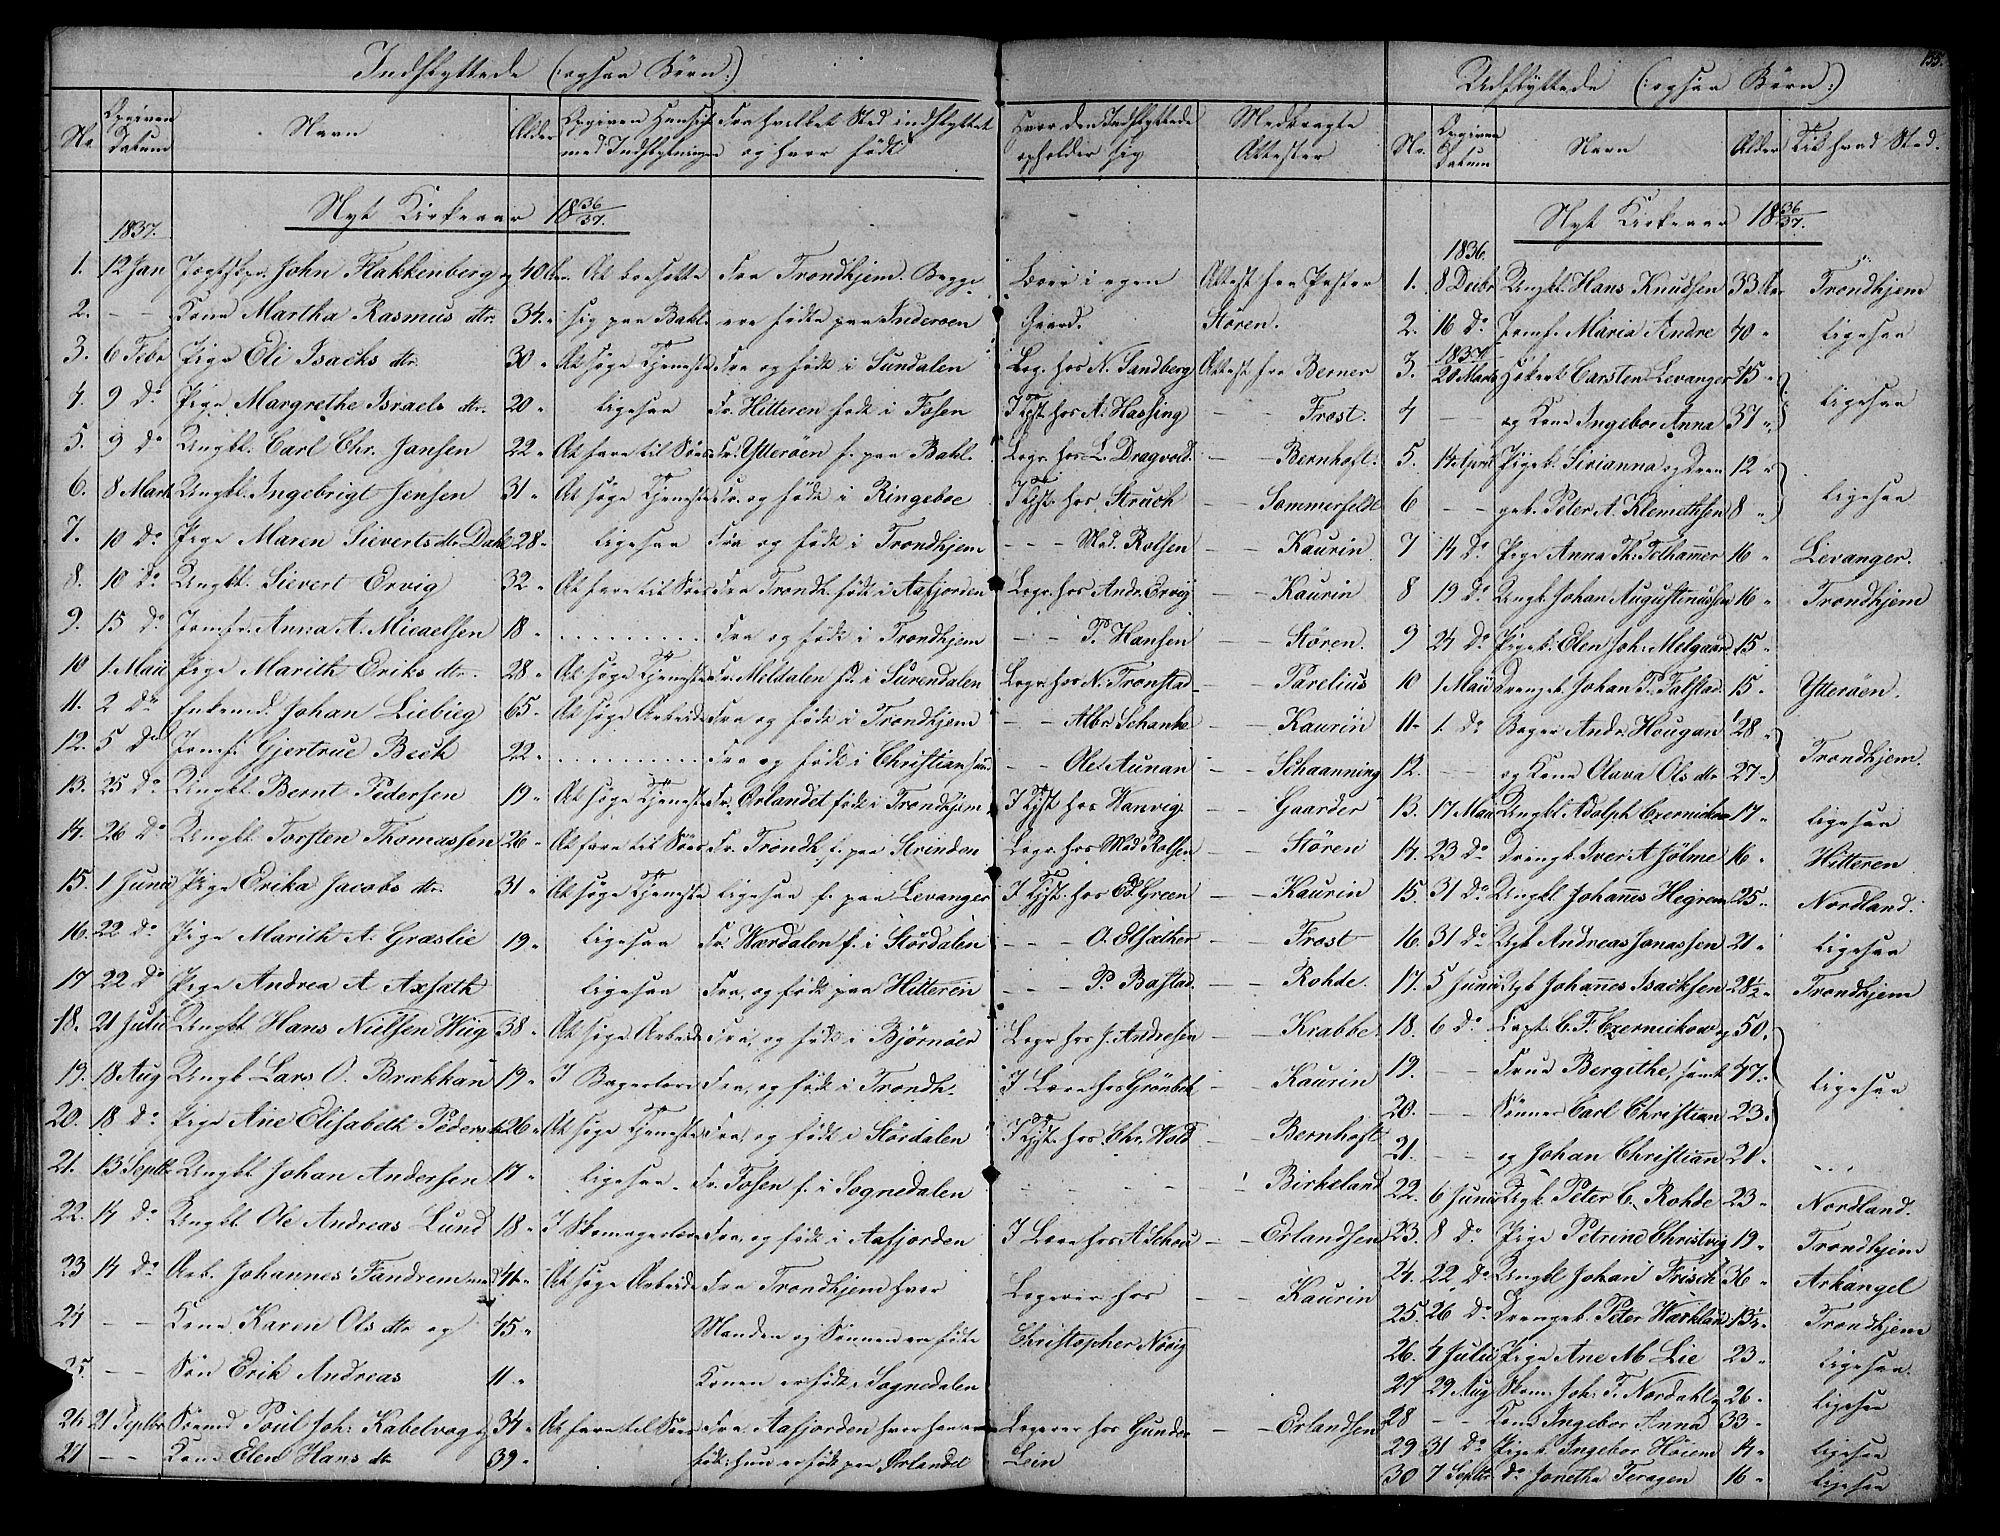 SAT, Ministerialprotokoller, klokkerbøker og fødselsregistre - Sør-Trøndelag, 604/L0182: Ministerialbok nr. 604A03, 1818-1850, s. 155